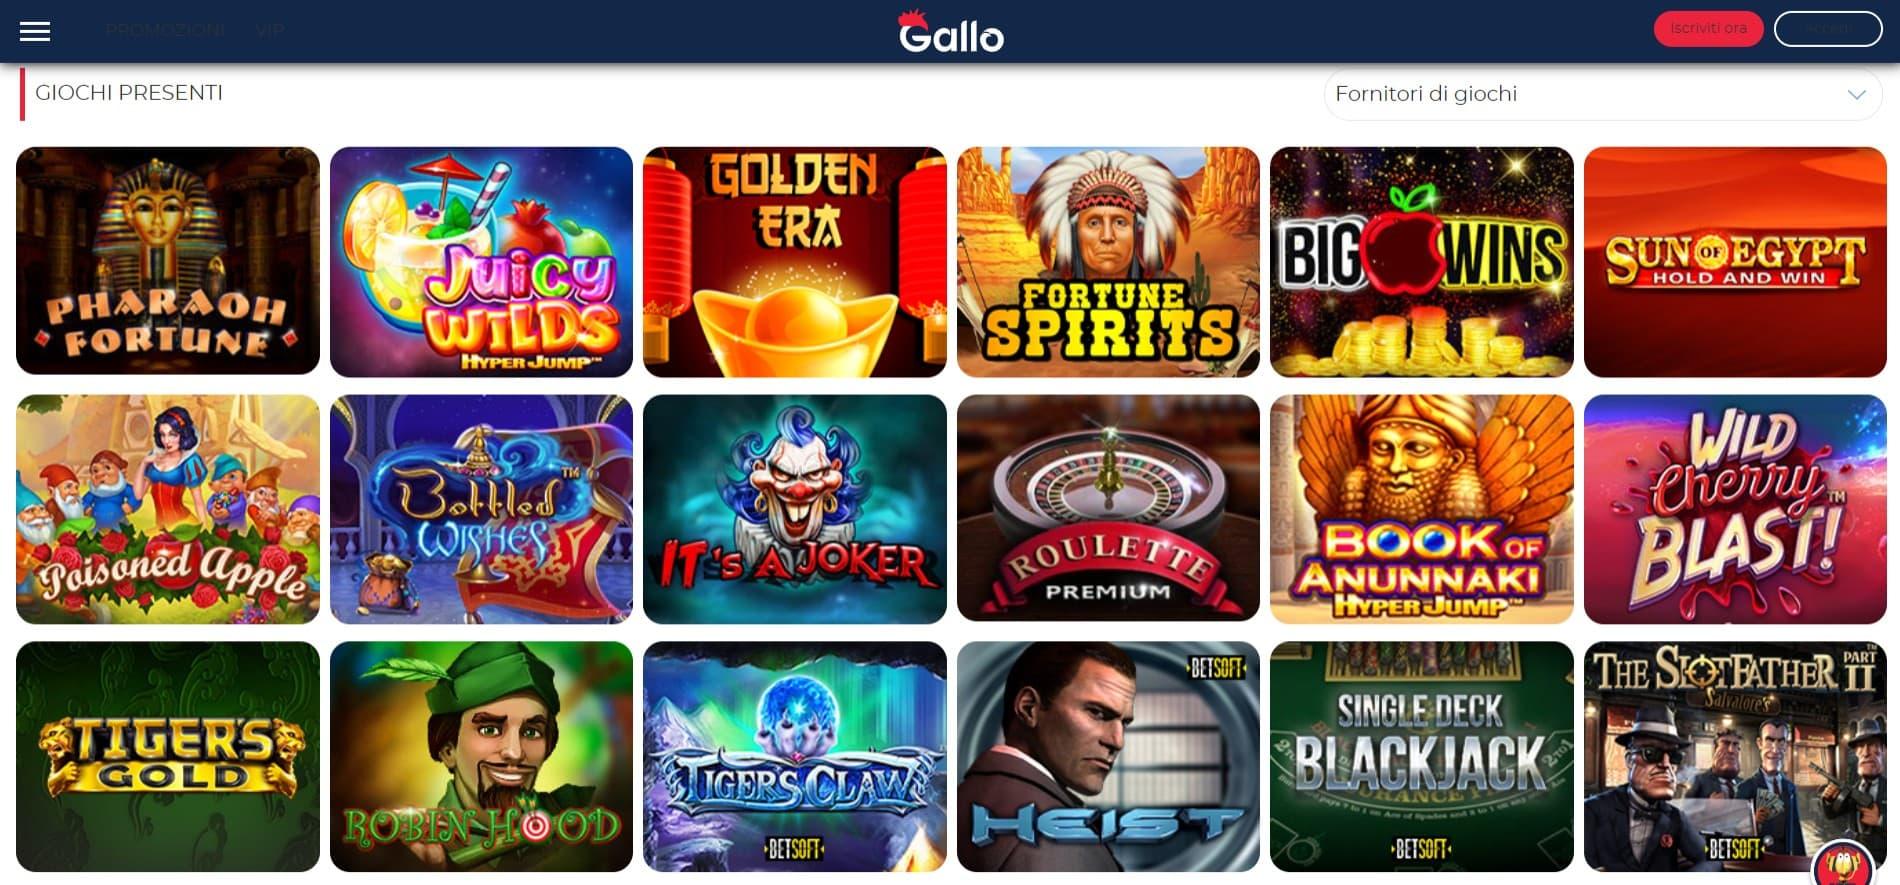 Gallo Casino Games